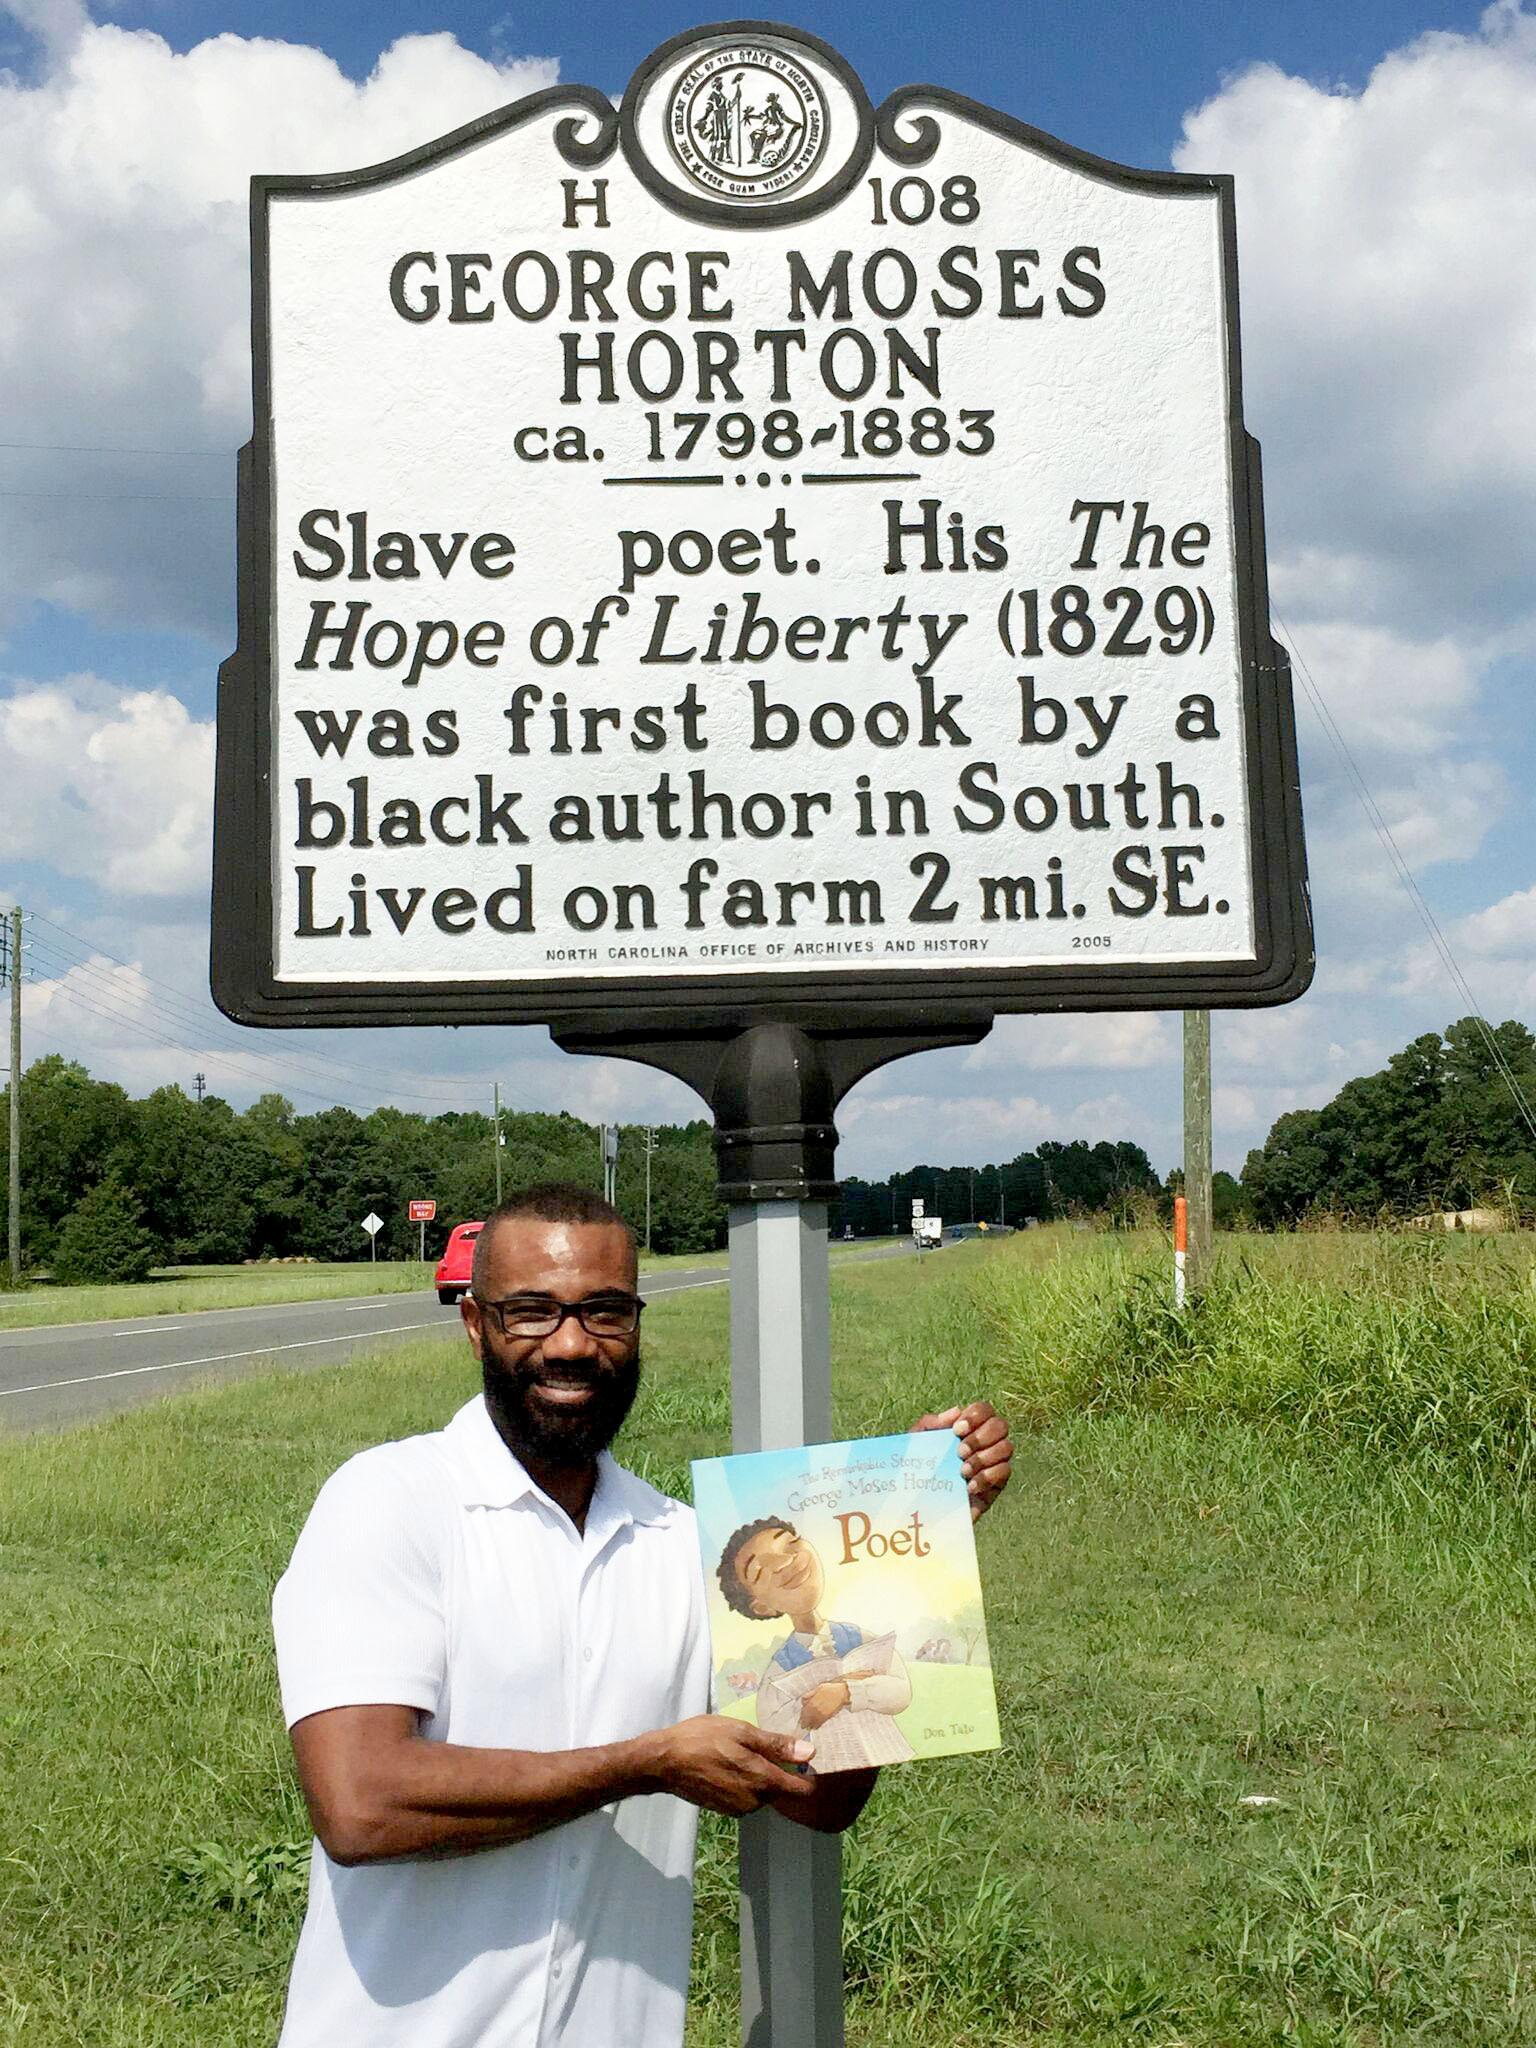 George Moses Horton ezekiel